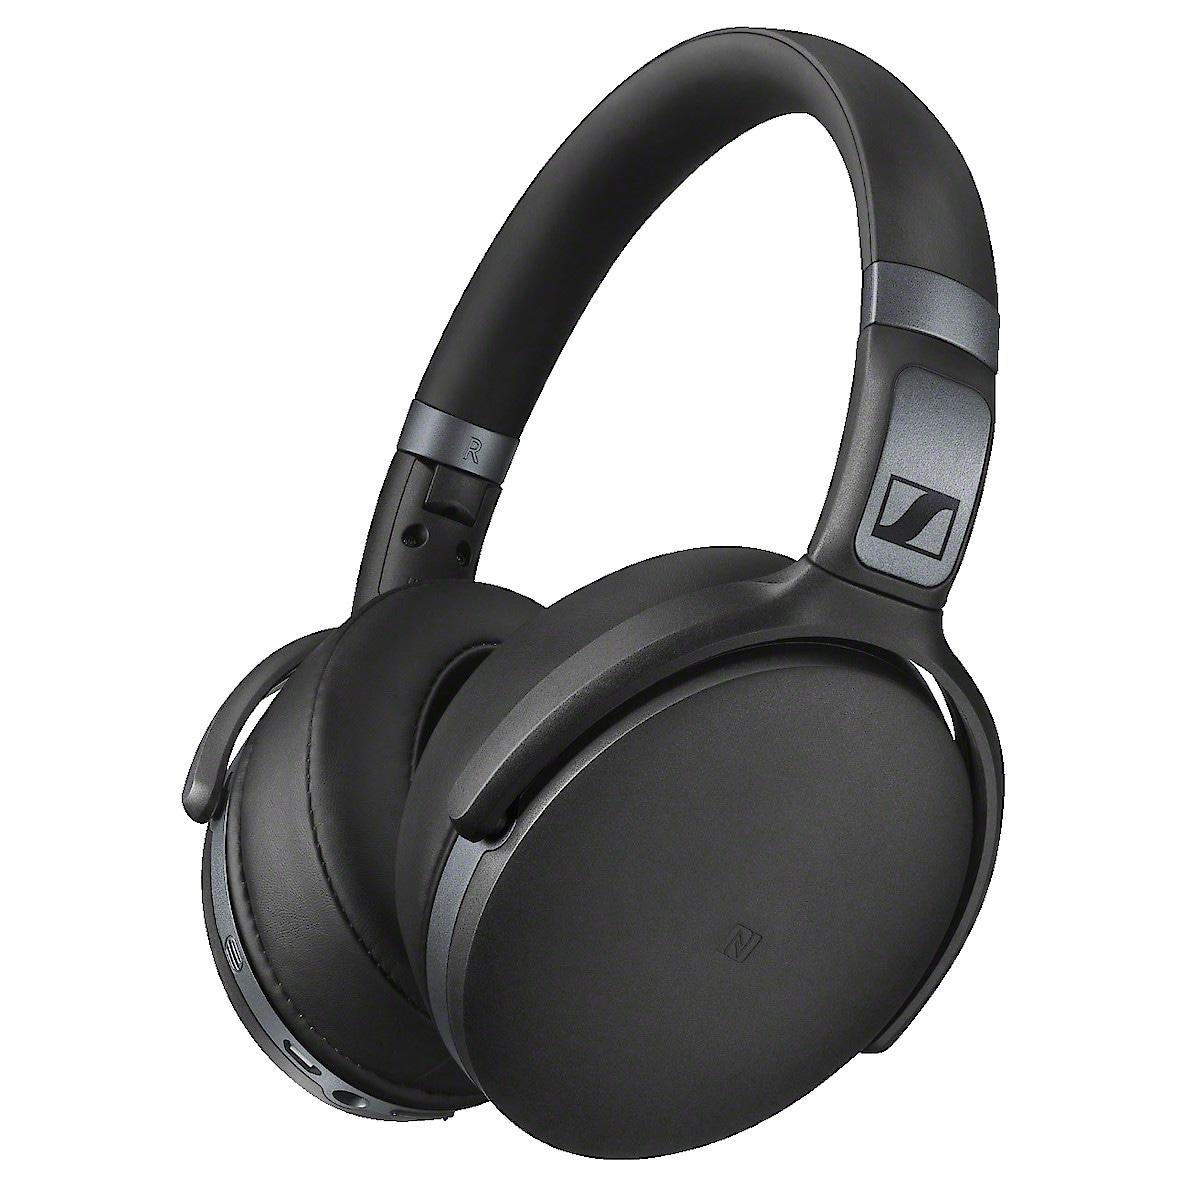 Trådlösa hörlurar med mikrofon Sennheiser HD 4.40 BT